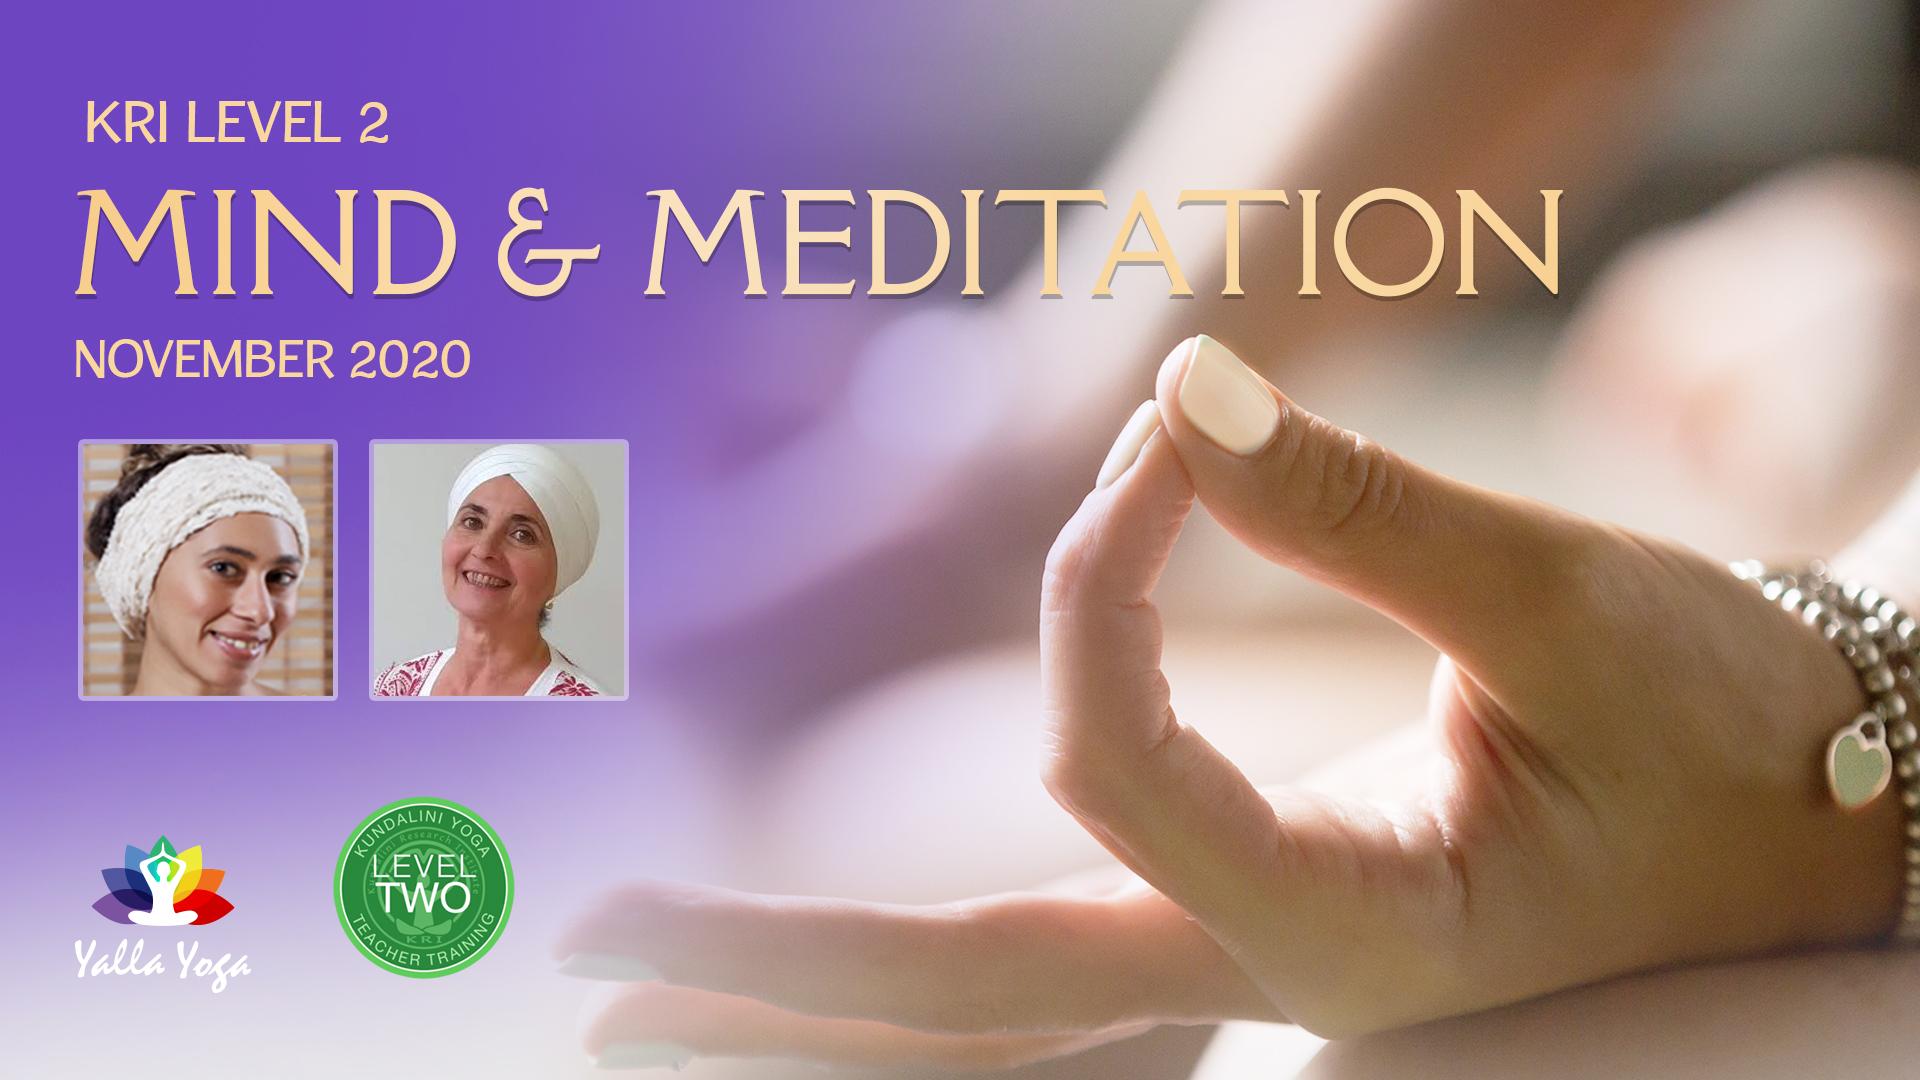 KRI-Level-2-Mind-Meditation Lead Guru Jiwan Kaur